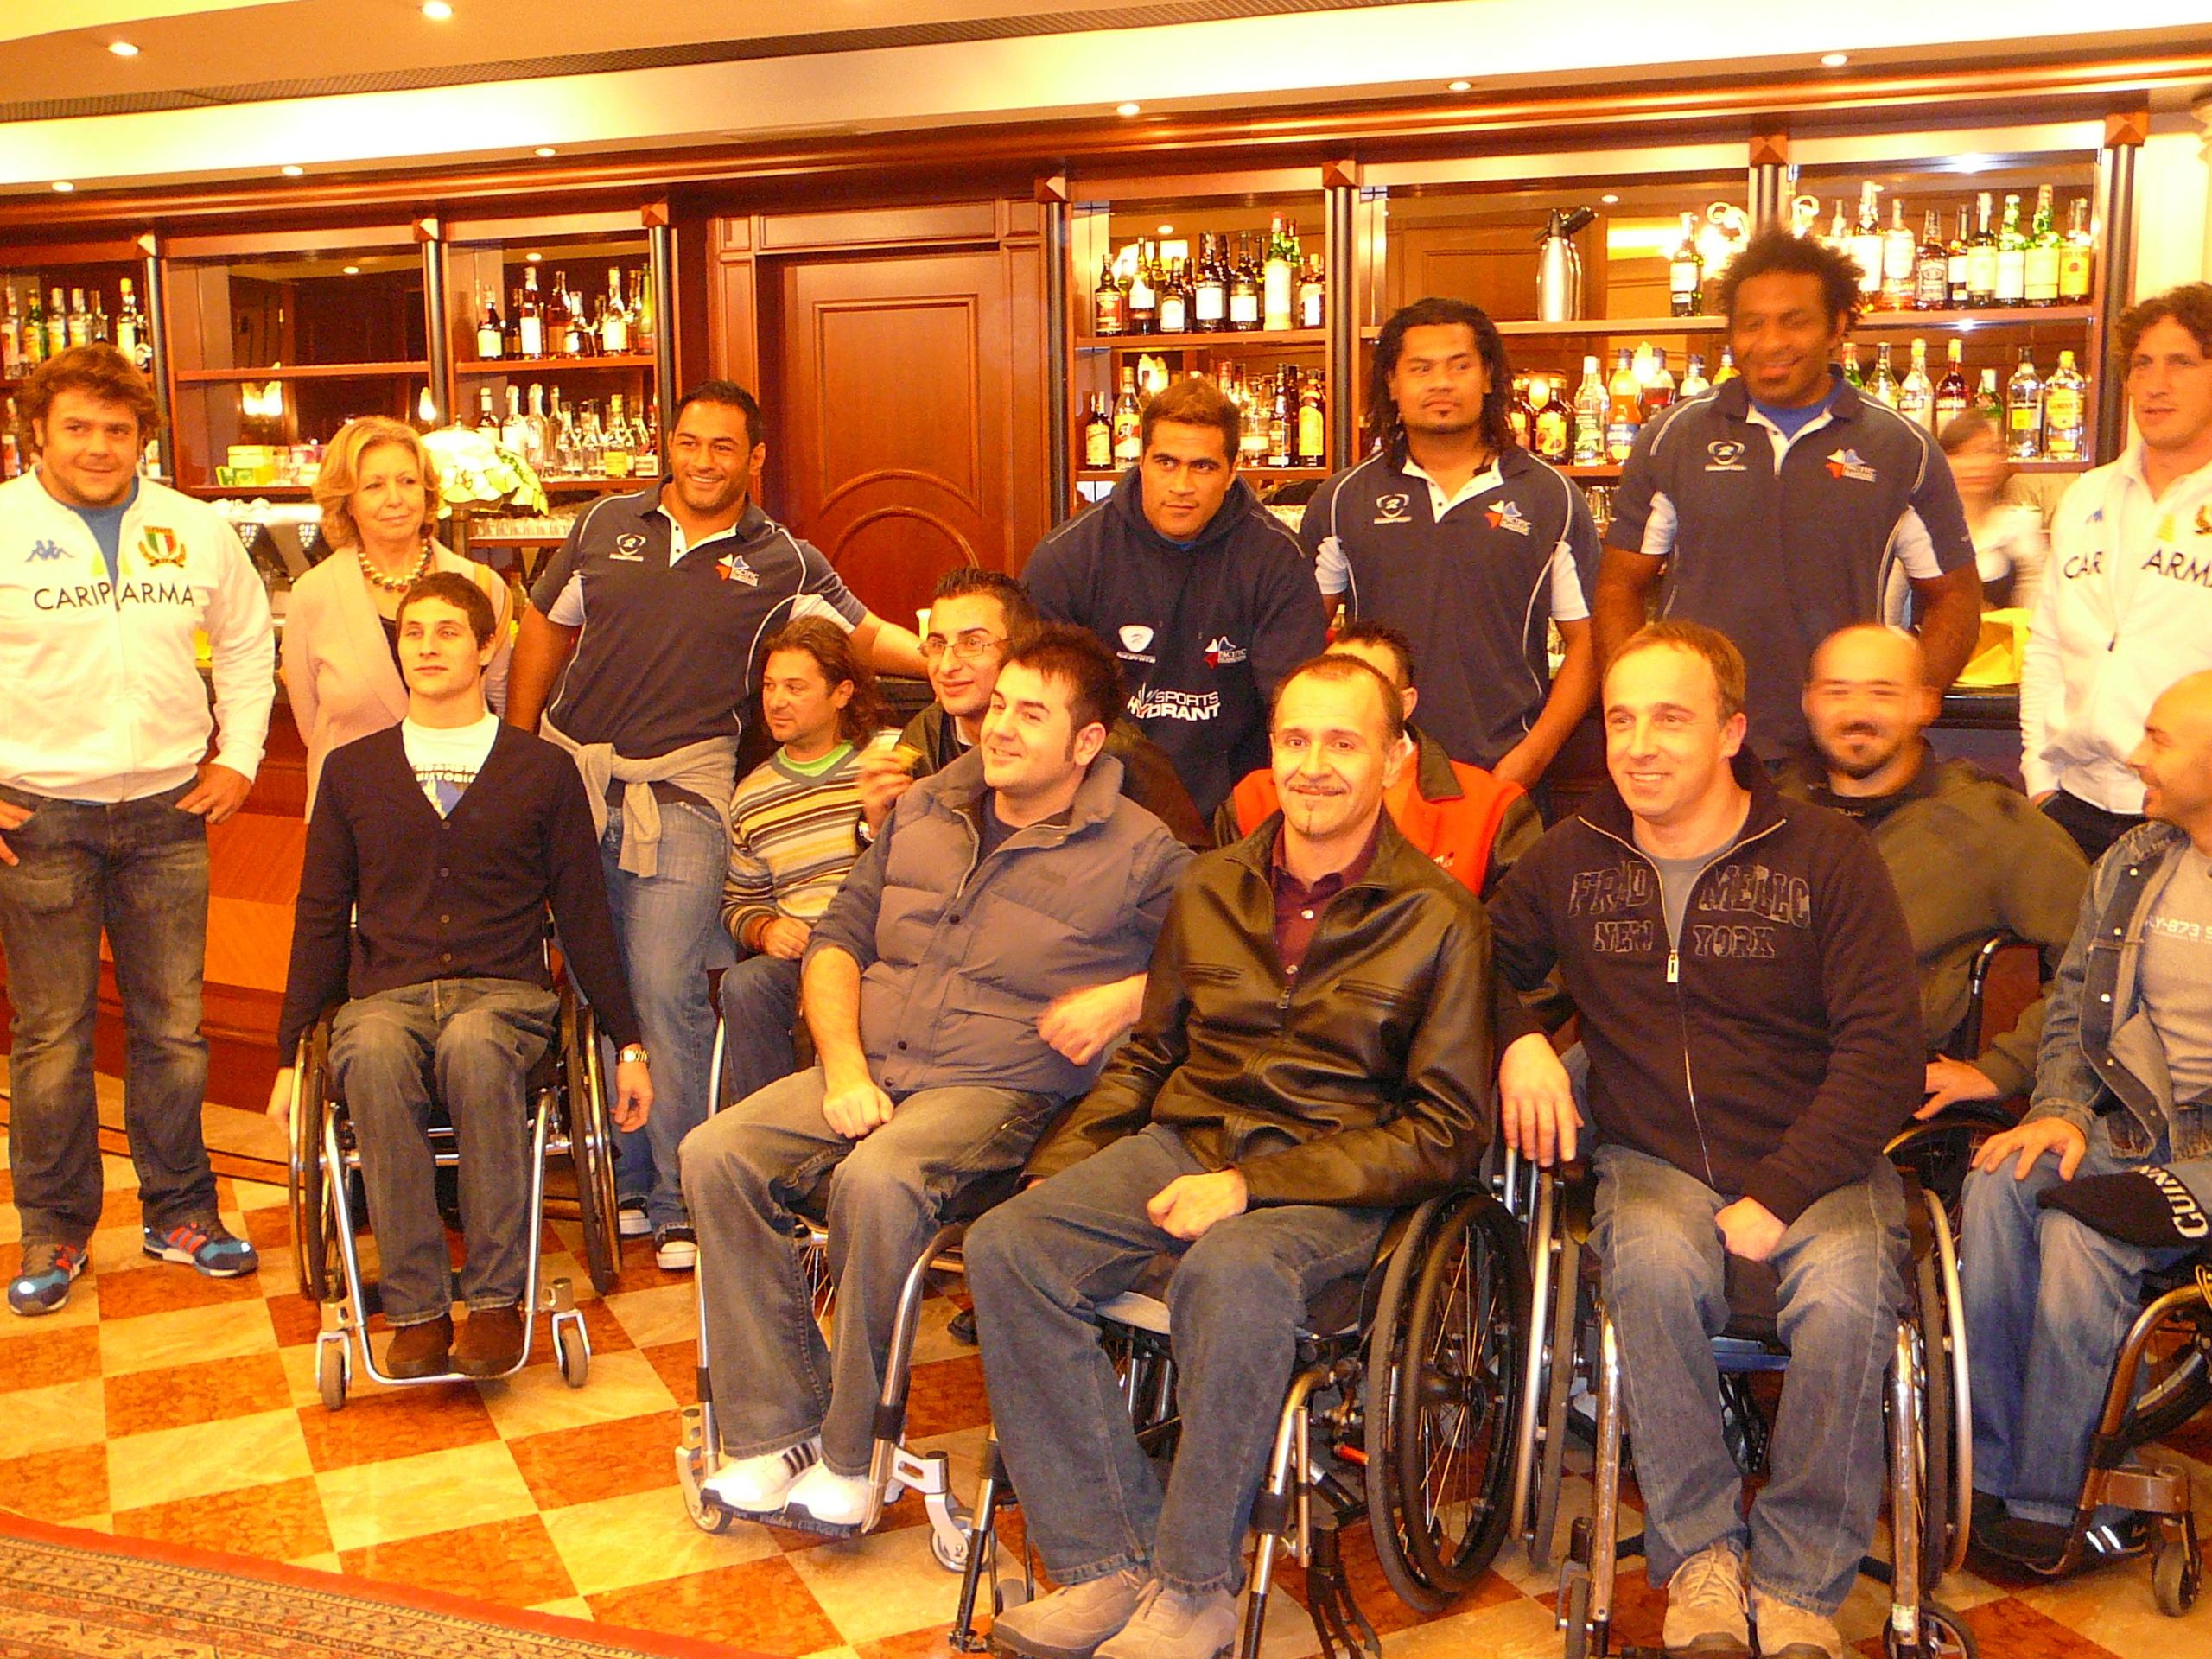 Cena pro C.i.p. con Nazionale italiana rugby e Pacific Islanders (nella foto il cap. Locicero ,Azzol